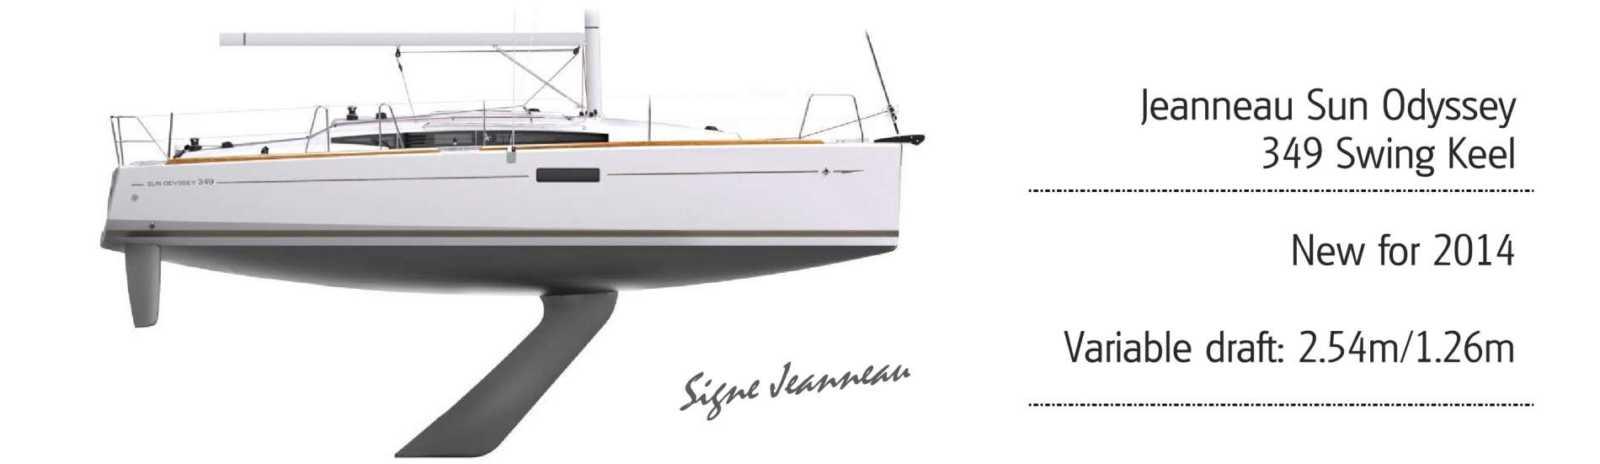 Jeanneau 349 Lift Keel Yachts Co